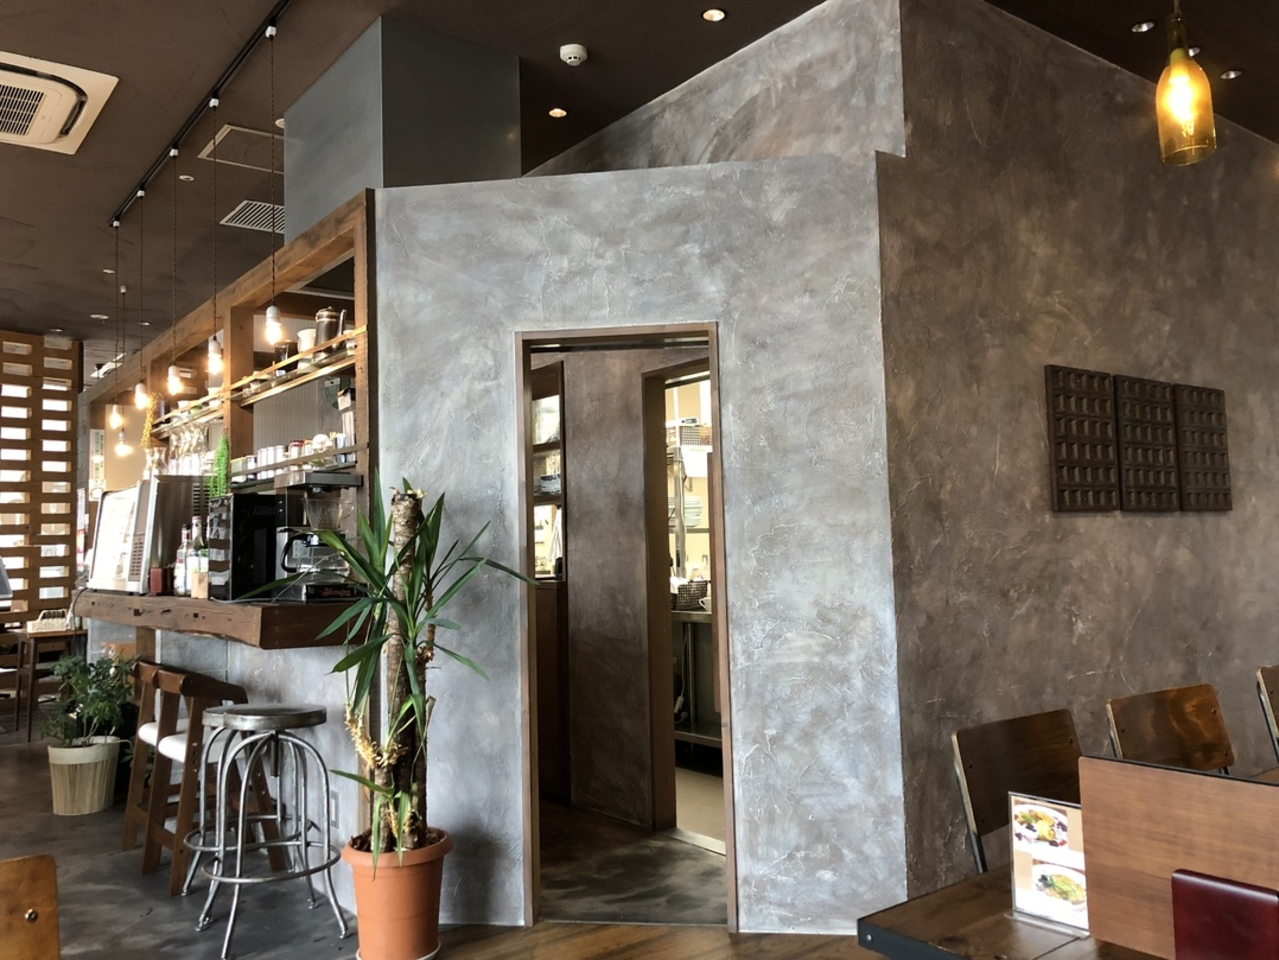 伊賀市 Chanto Cafe(ちゃんとカフェ)さんの雰囲気。。